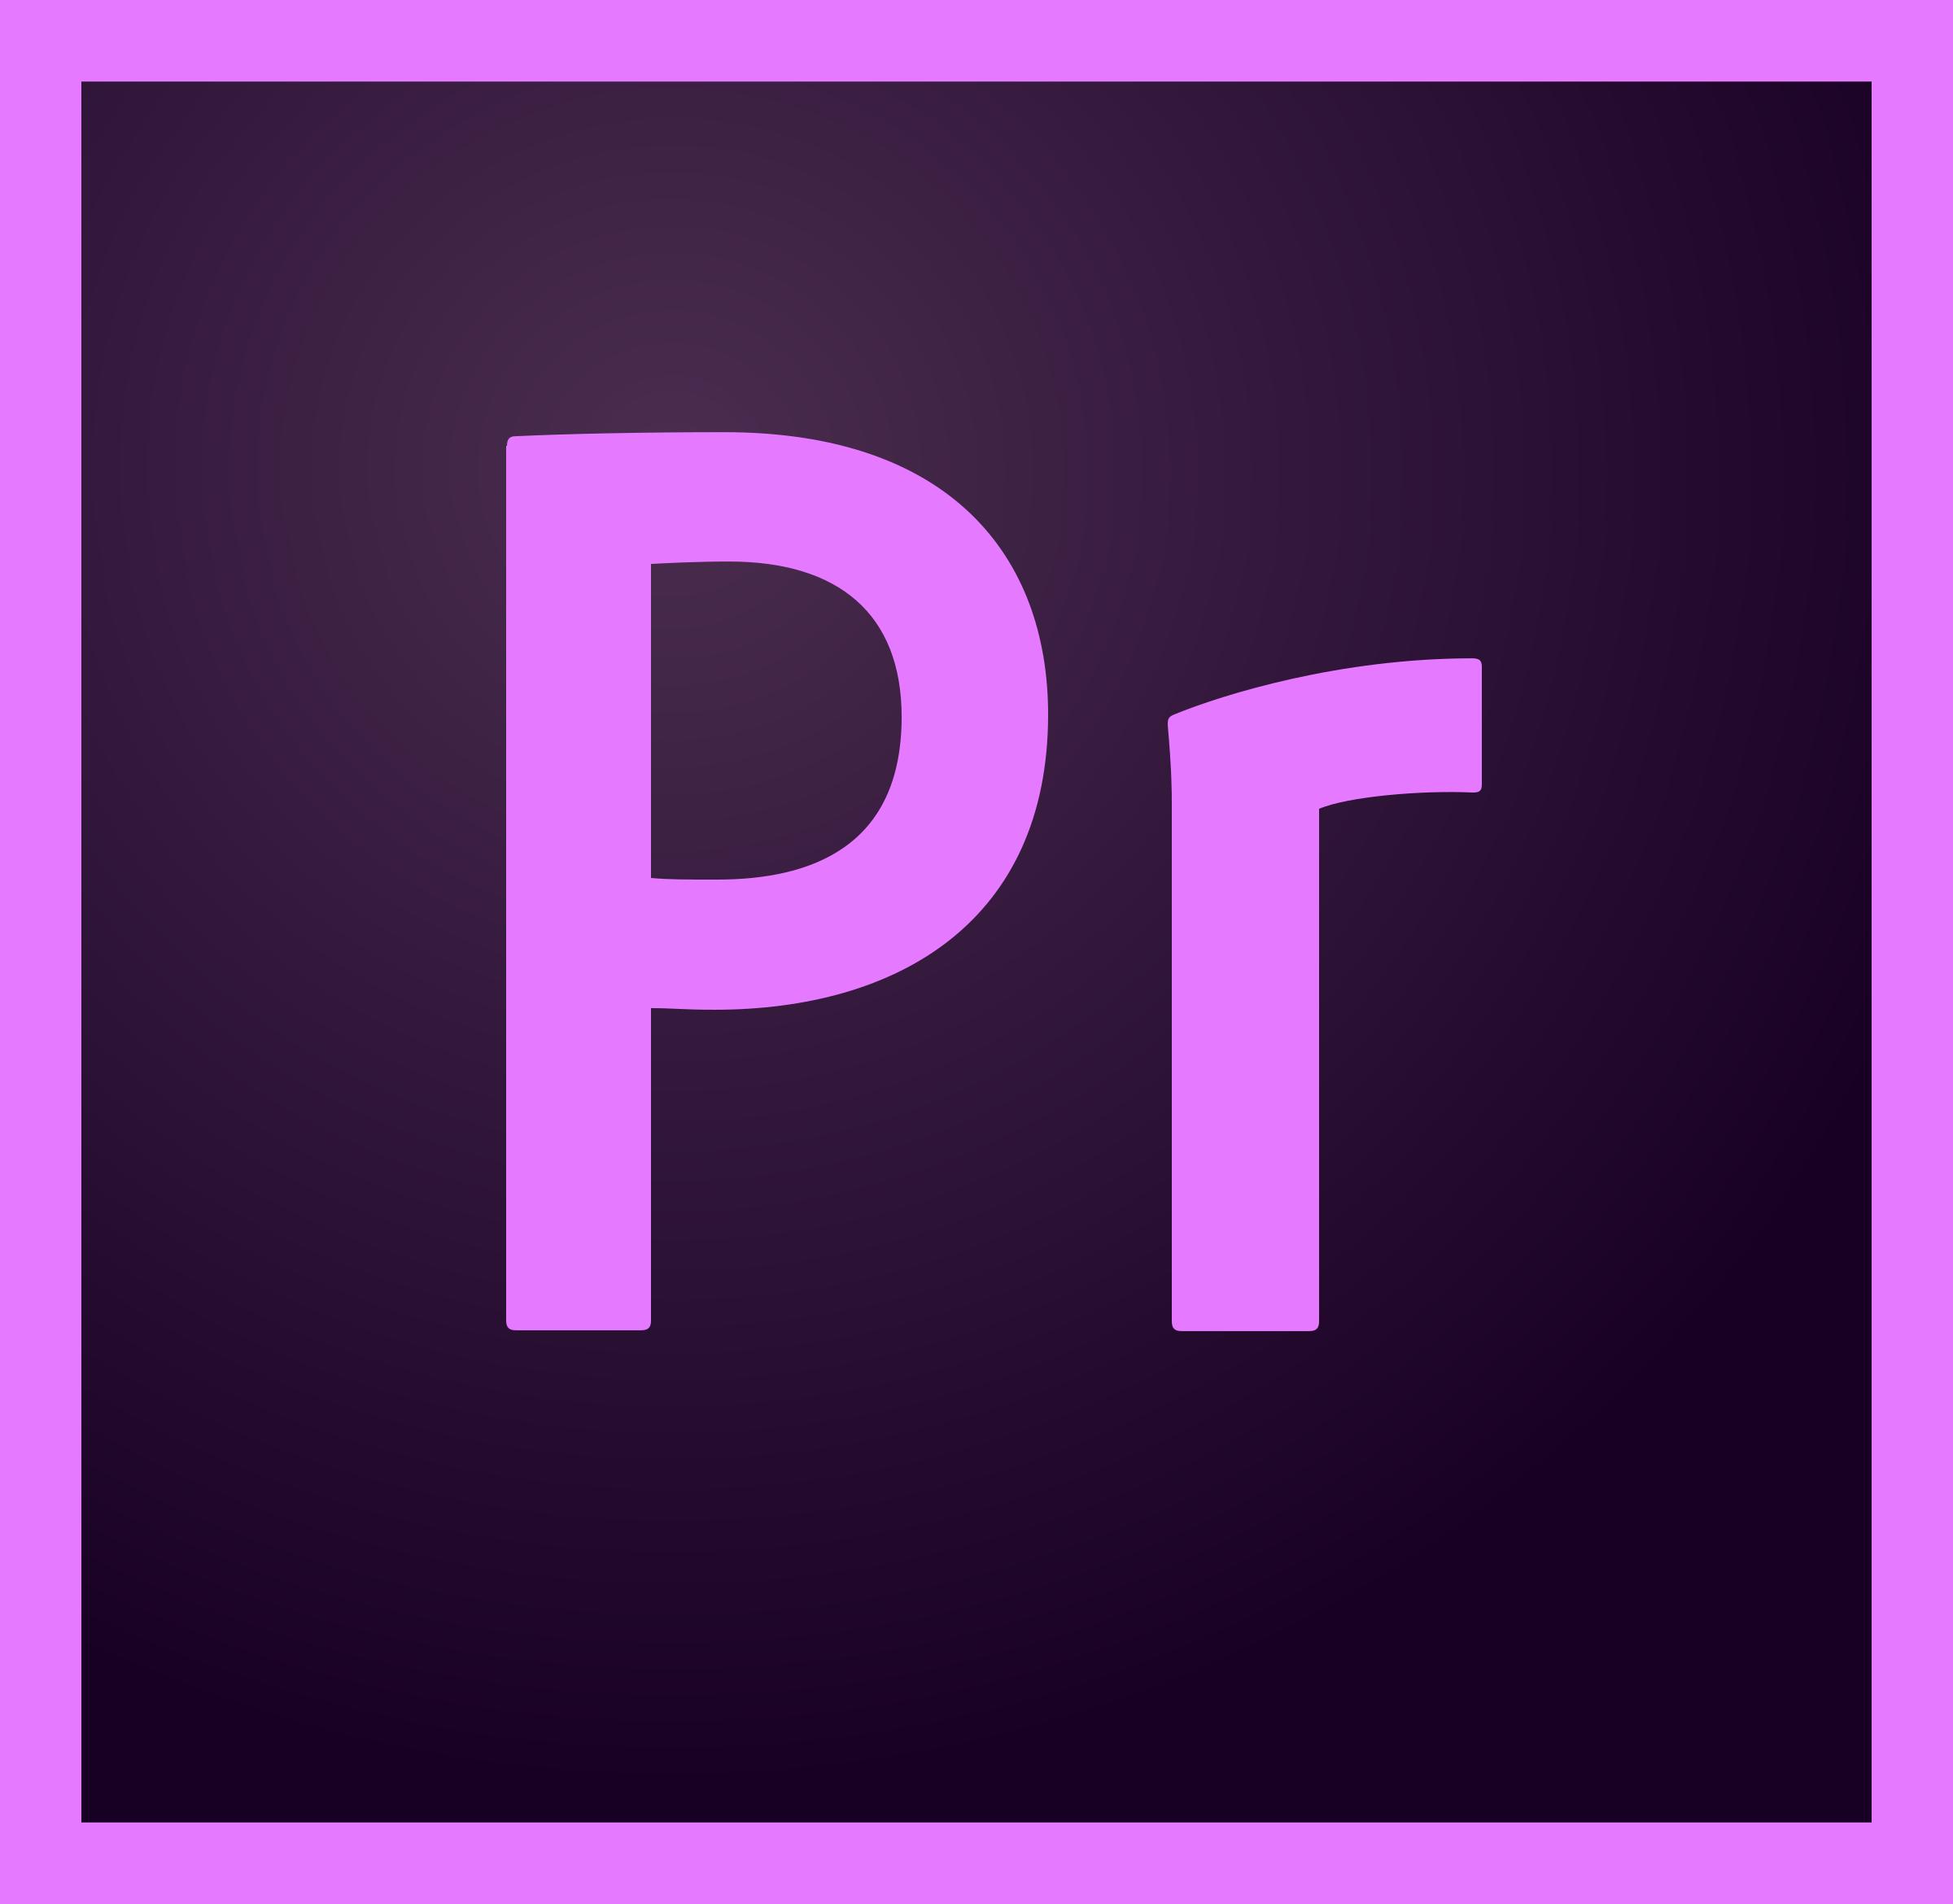 Premiere Pro CC Logo PNG Transparent & SVG Vector.